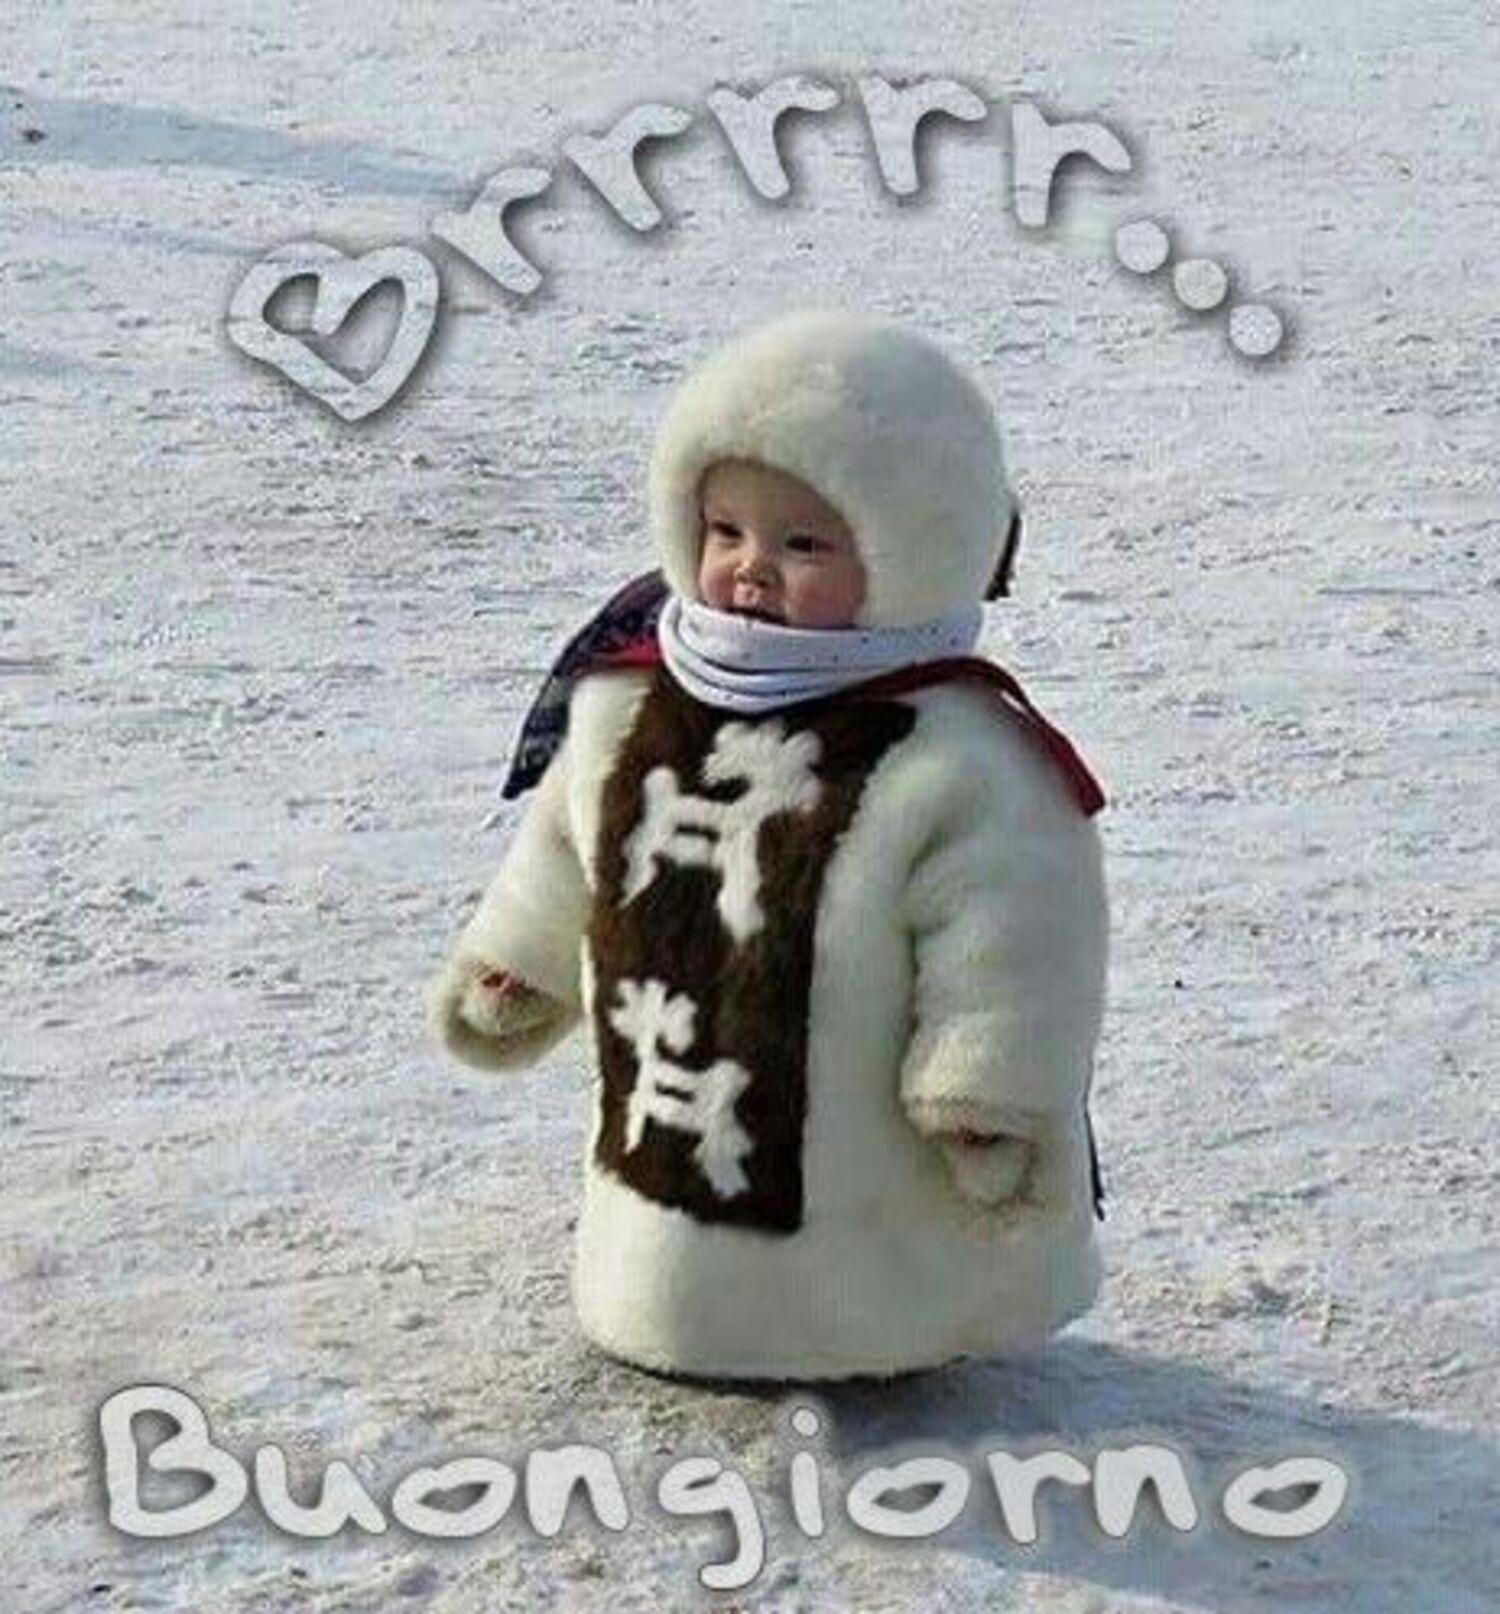 Brrrr...Buongiorno